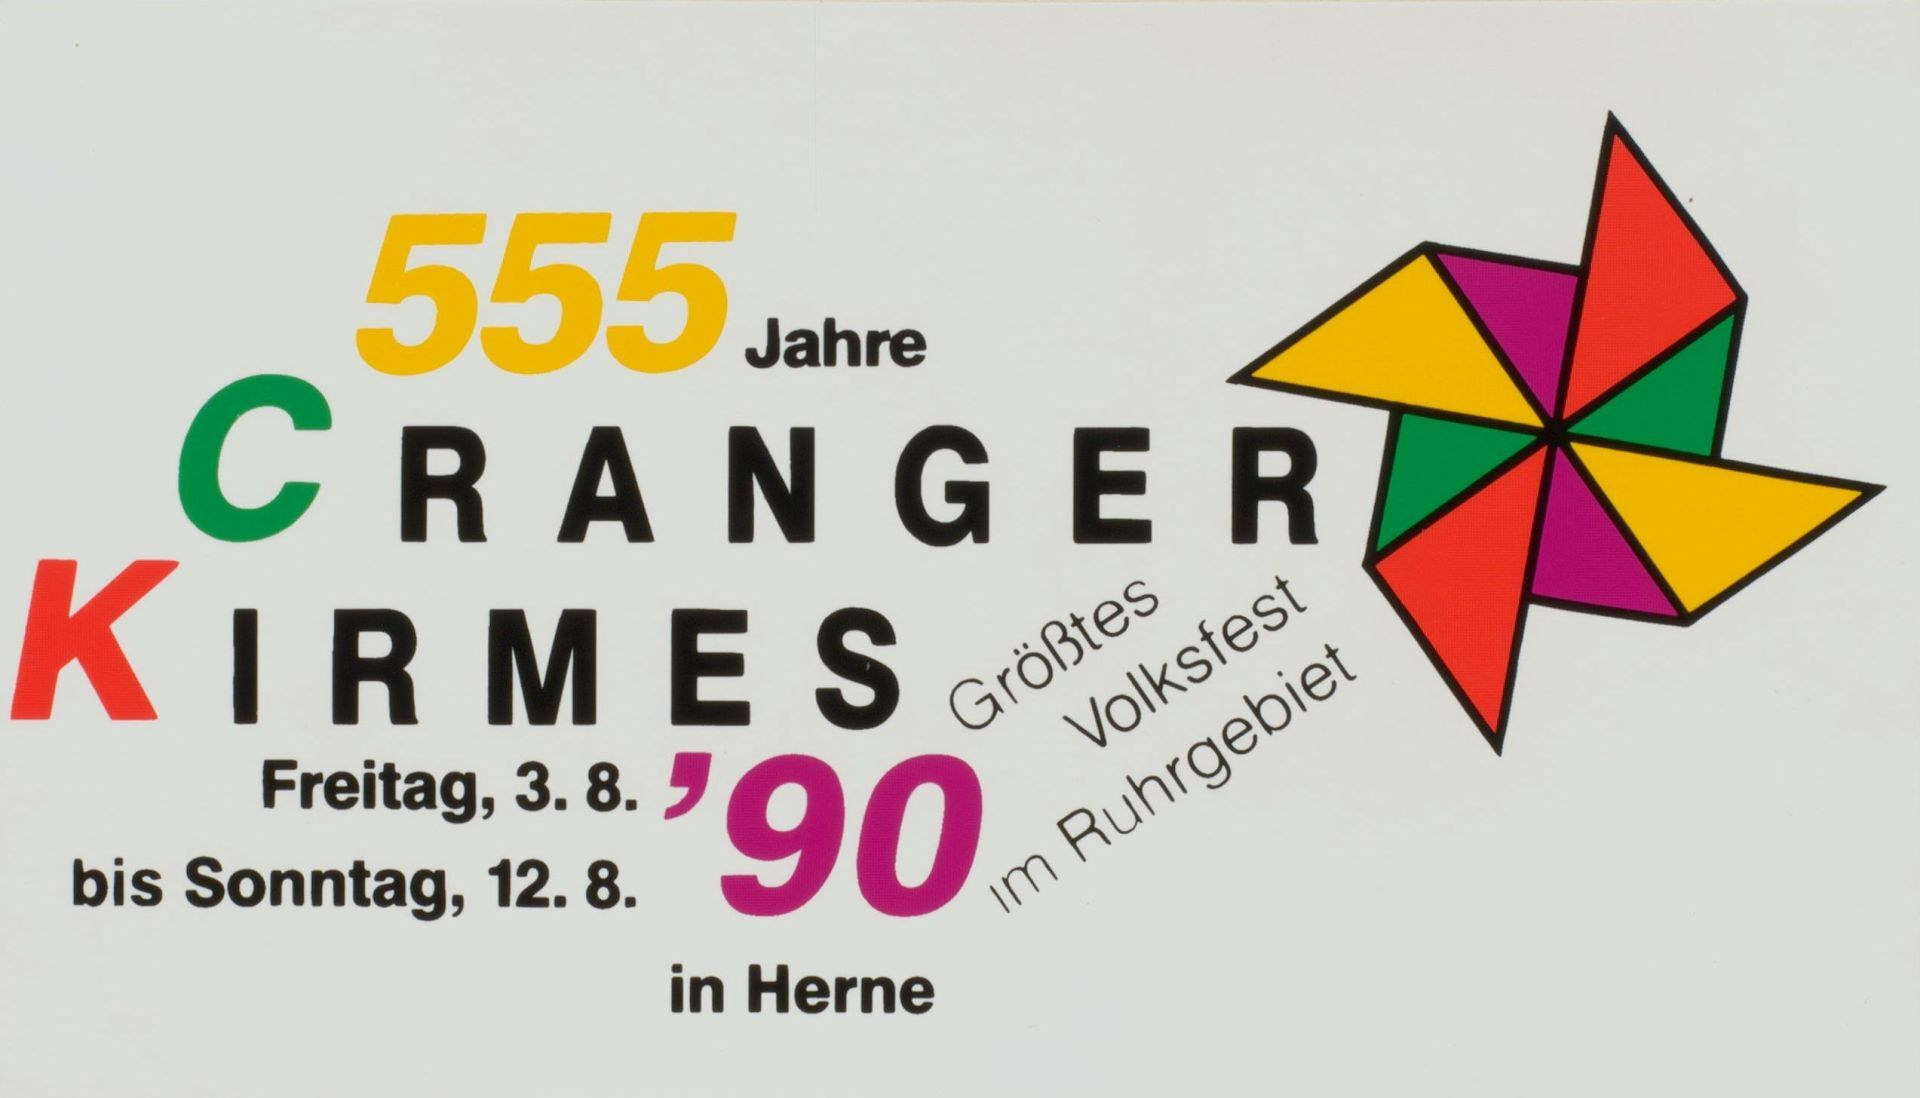 Jubiläumsaufkleber, 1990.jpg